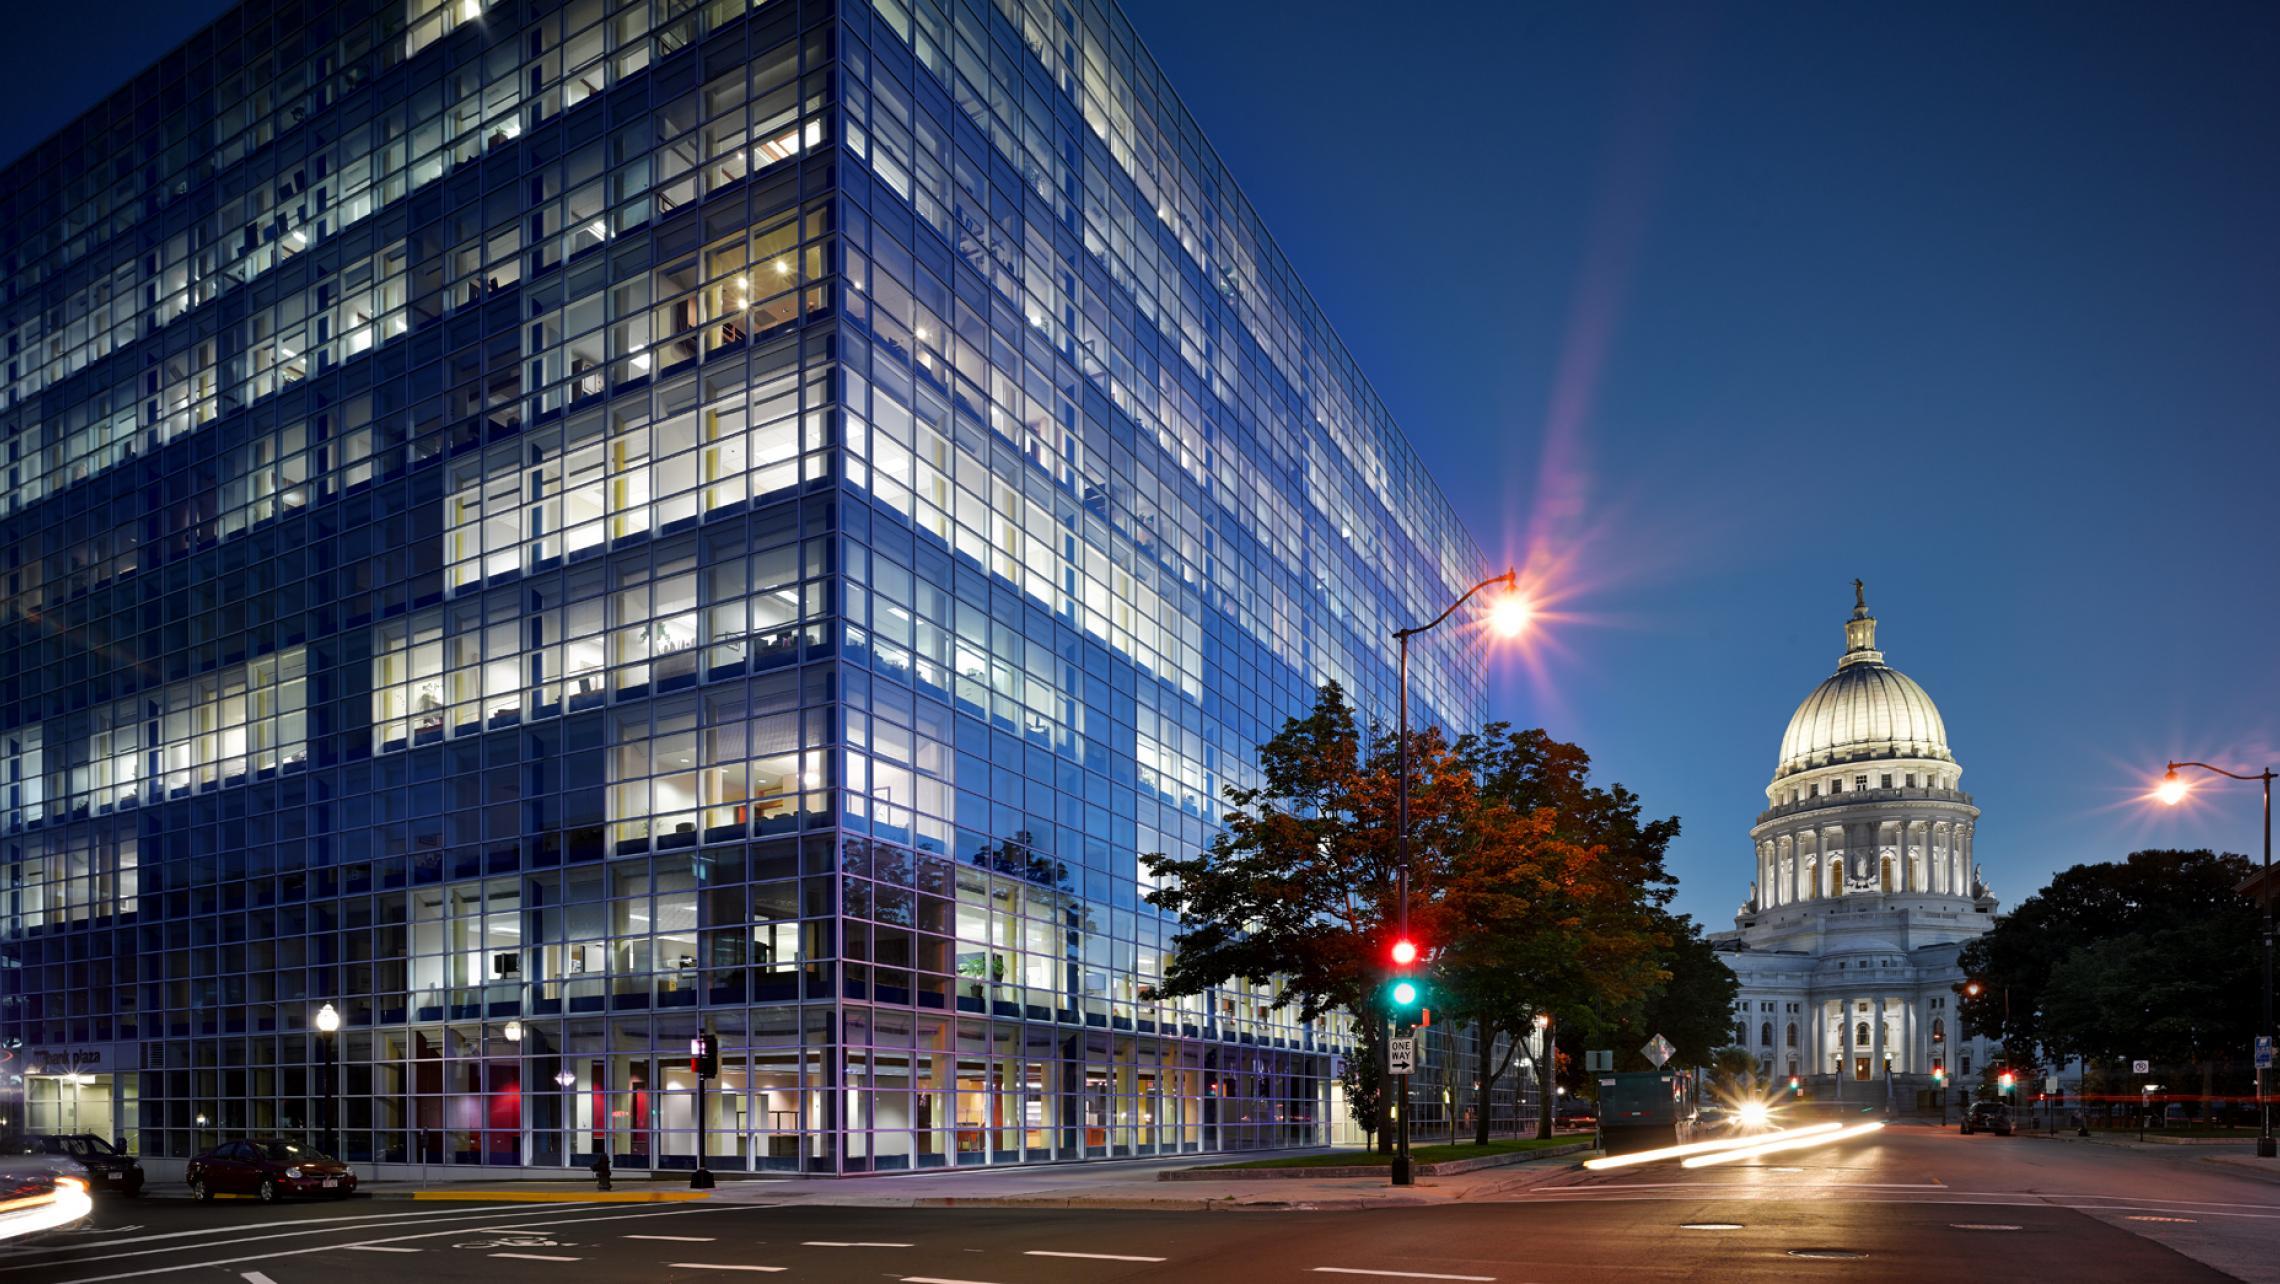 ULI US Bank Plaza LEED Certified - Rebholz